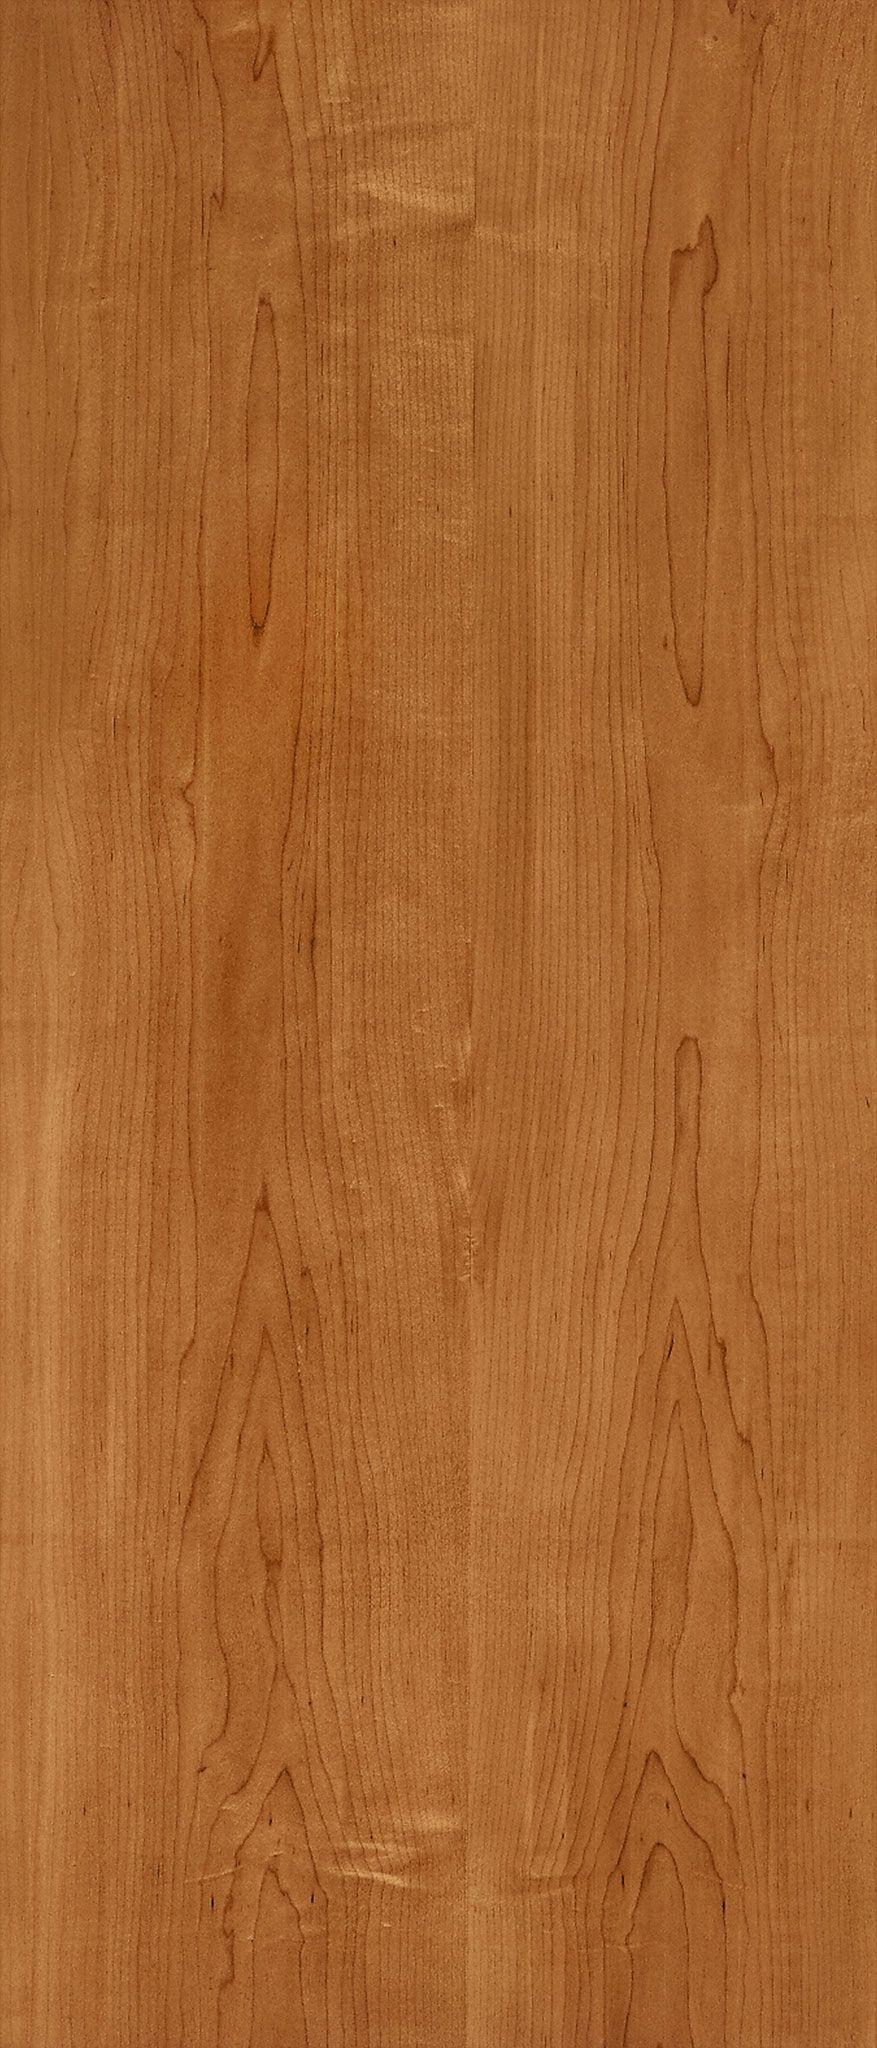 Plain-Sliced-White-Maple---Nutmeg